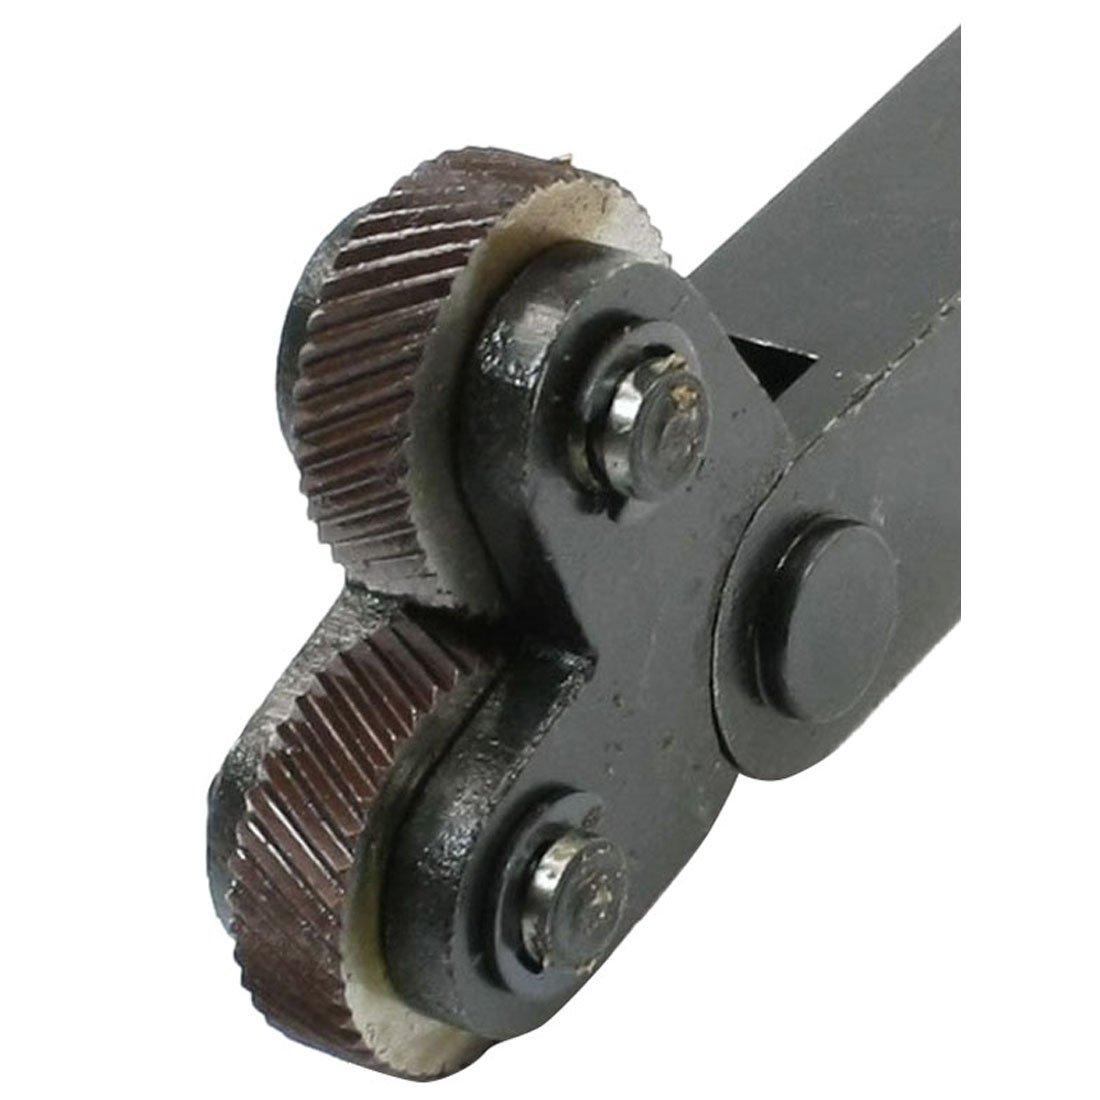 Cikuso 1.8mm espacio Herramienta de moleteado de dientes inclinados de rueda dual para Torno de metal